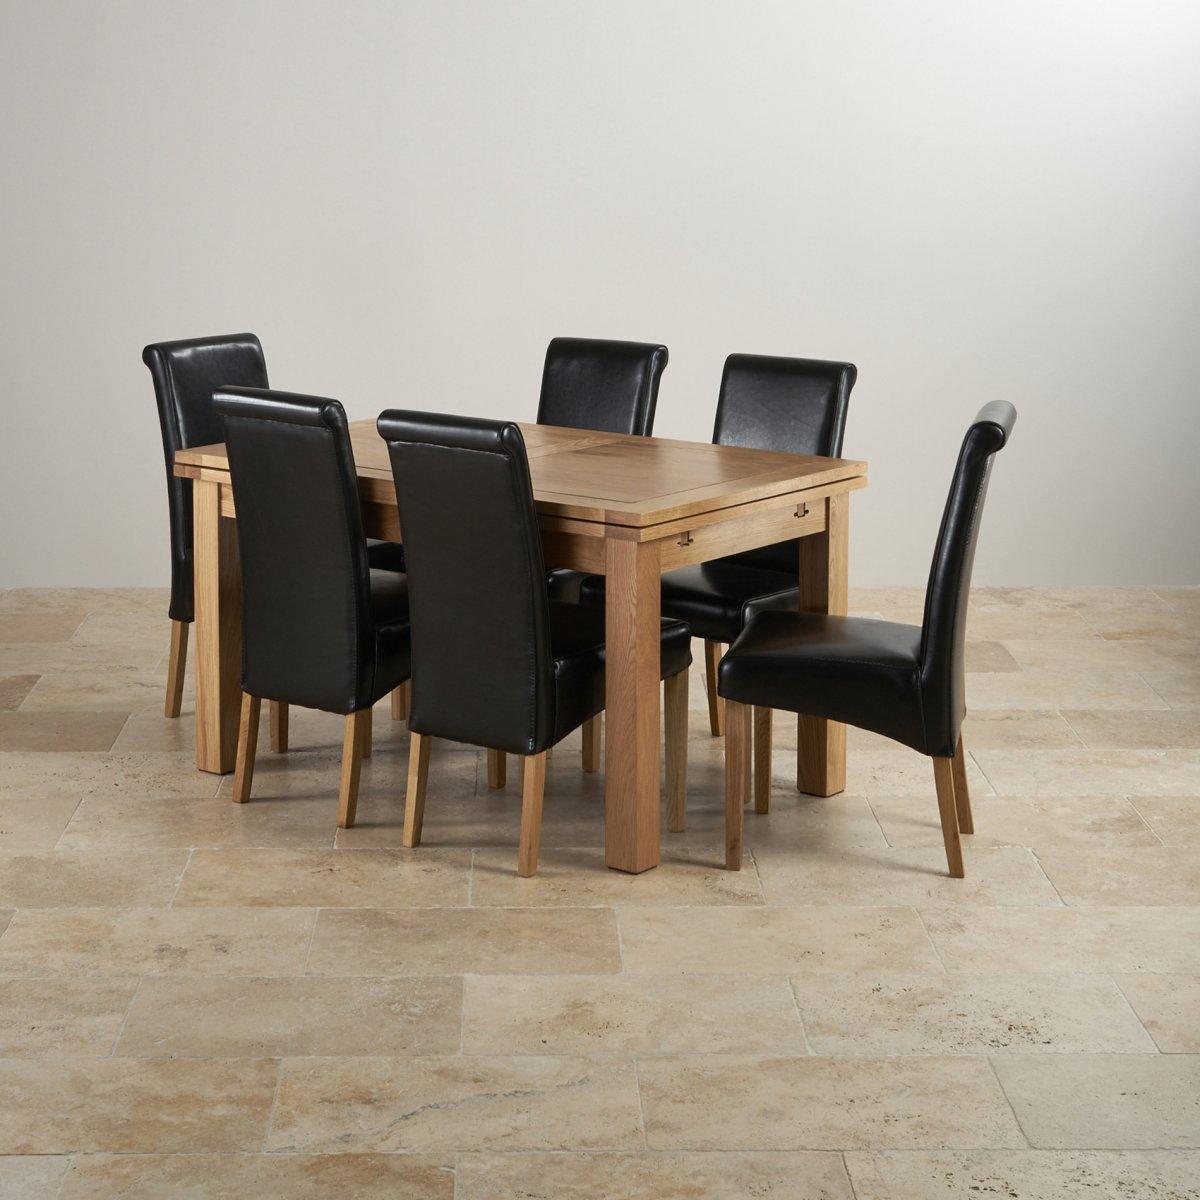 Dorset Extending Dining Set in Oak Table